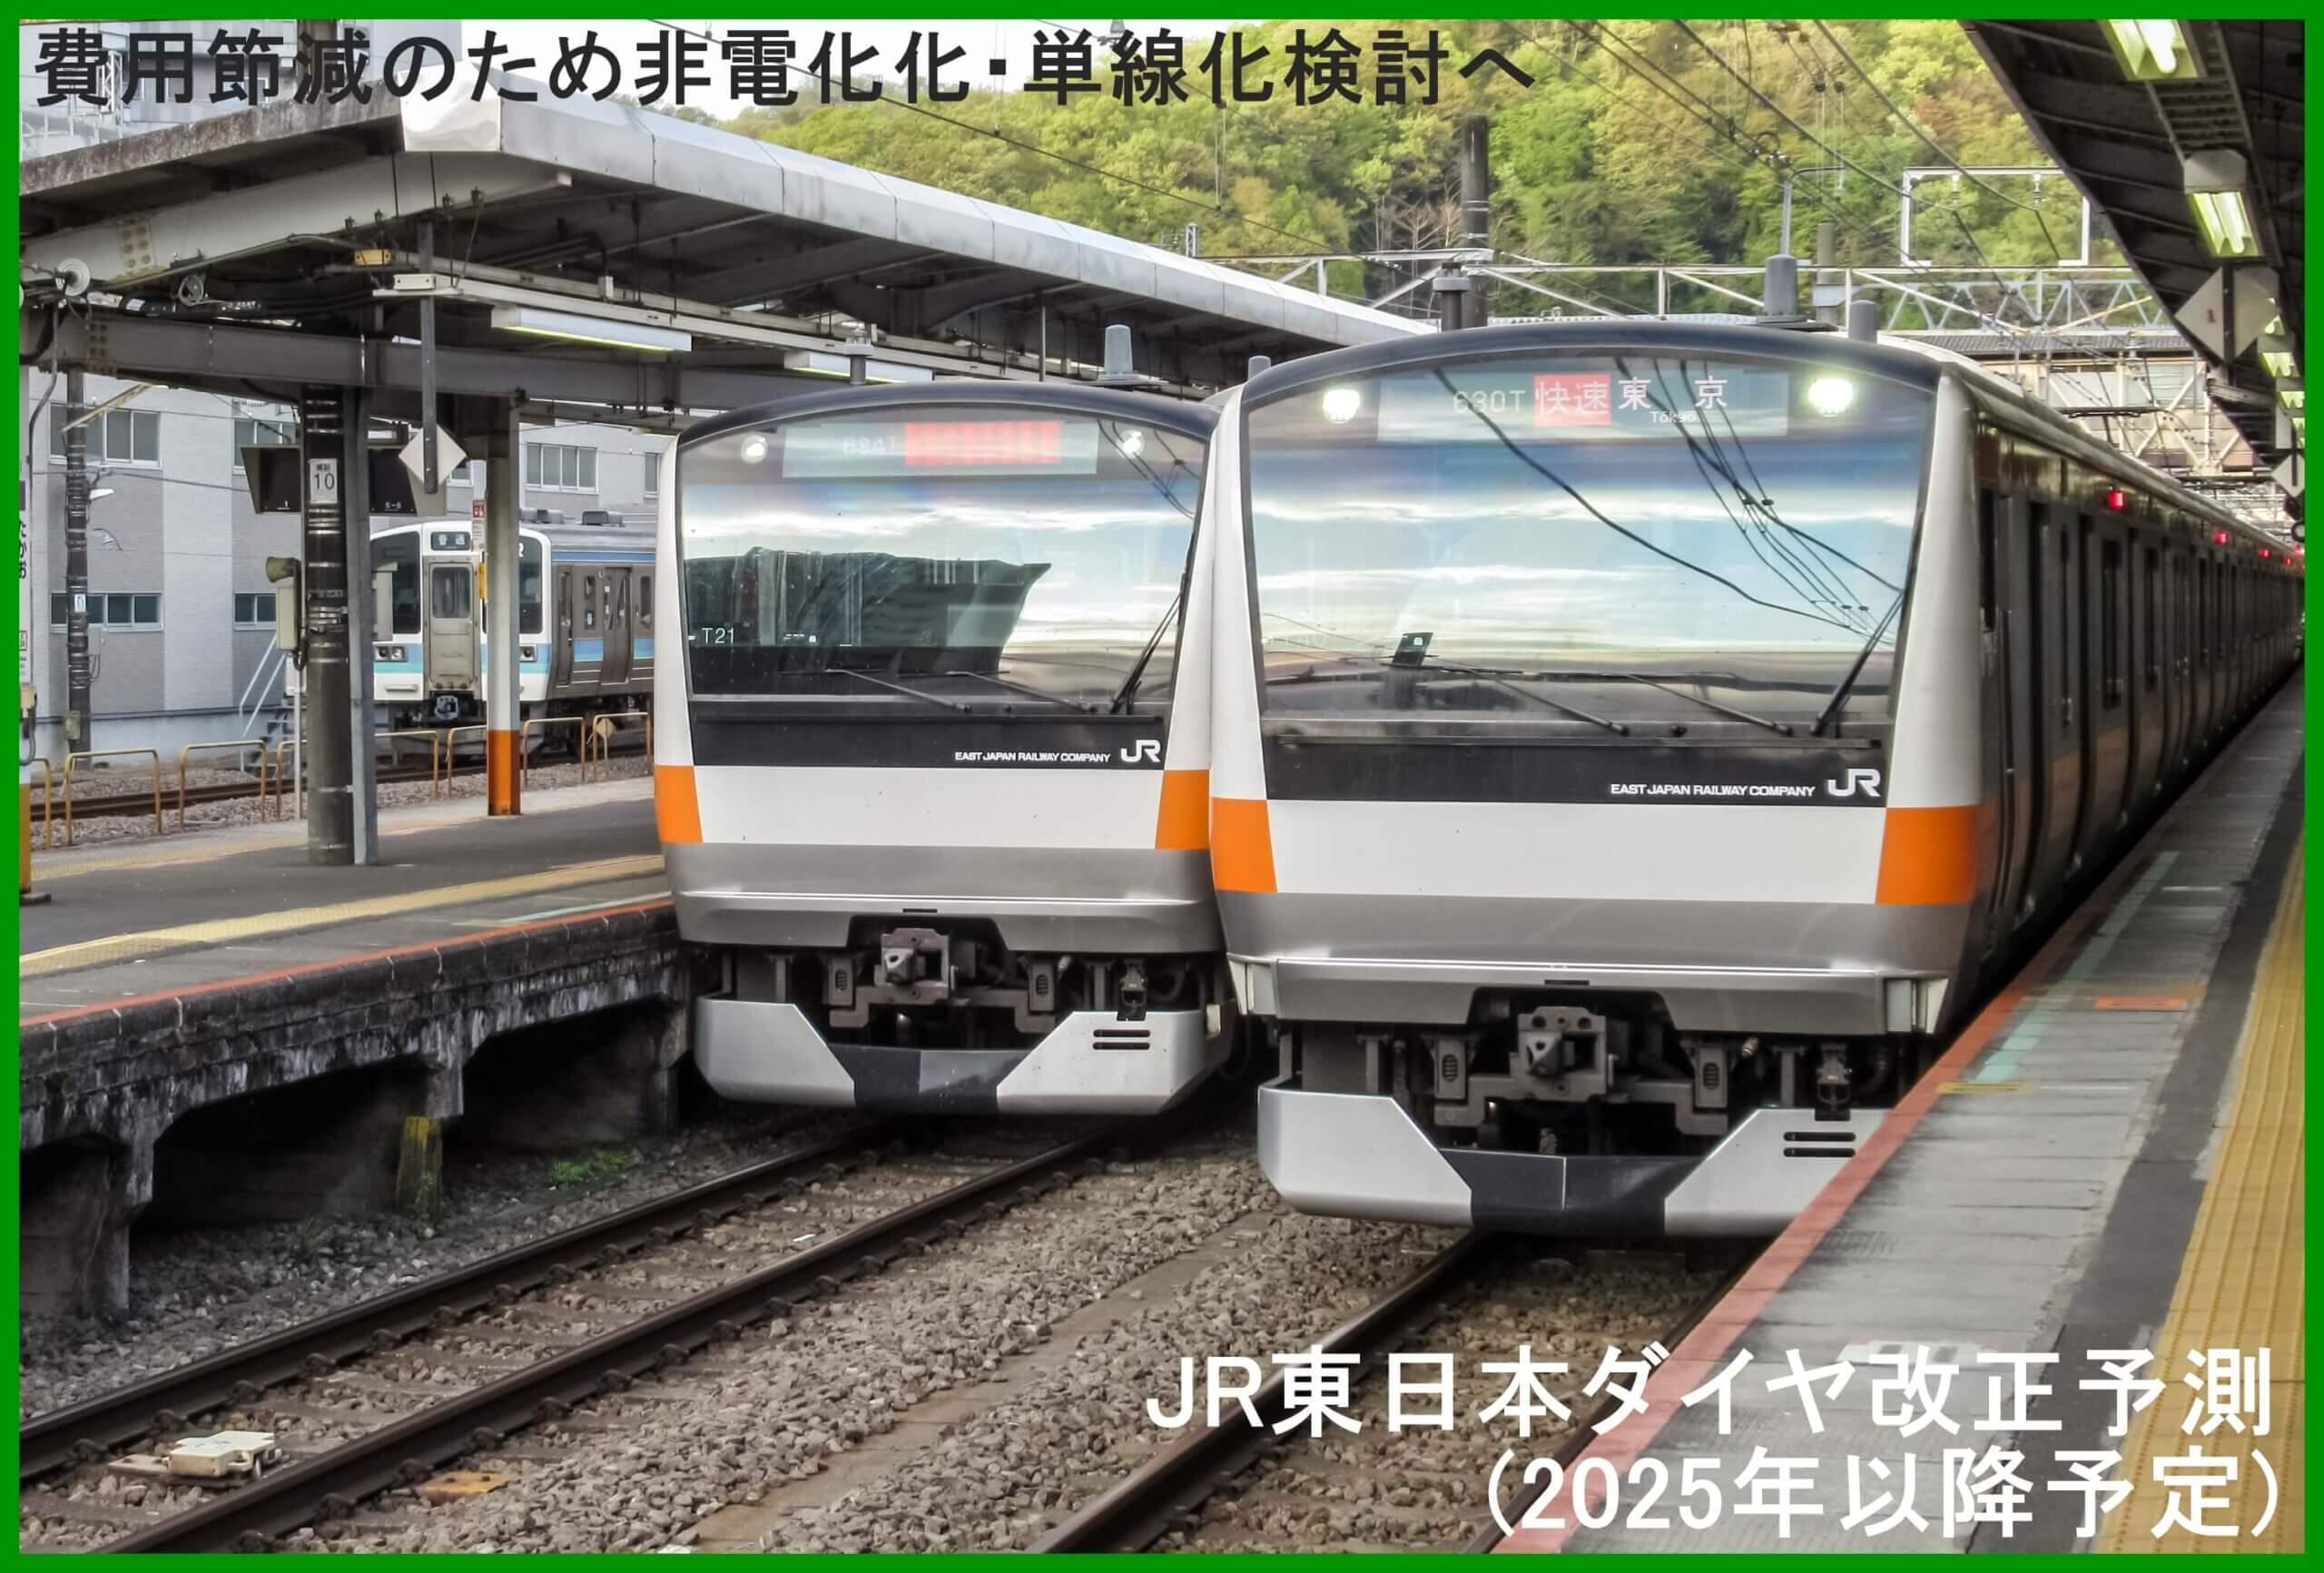 費用節減のため非電化化・単線化検討へ JR東日本ダイヤ改正予測(2025年以降予定)